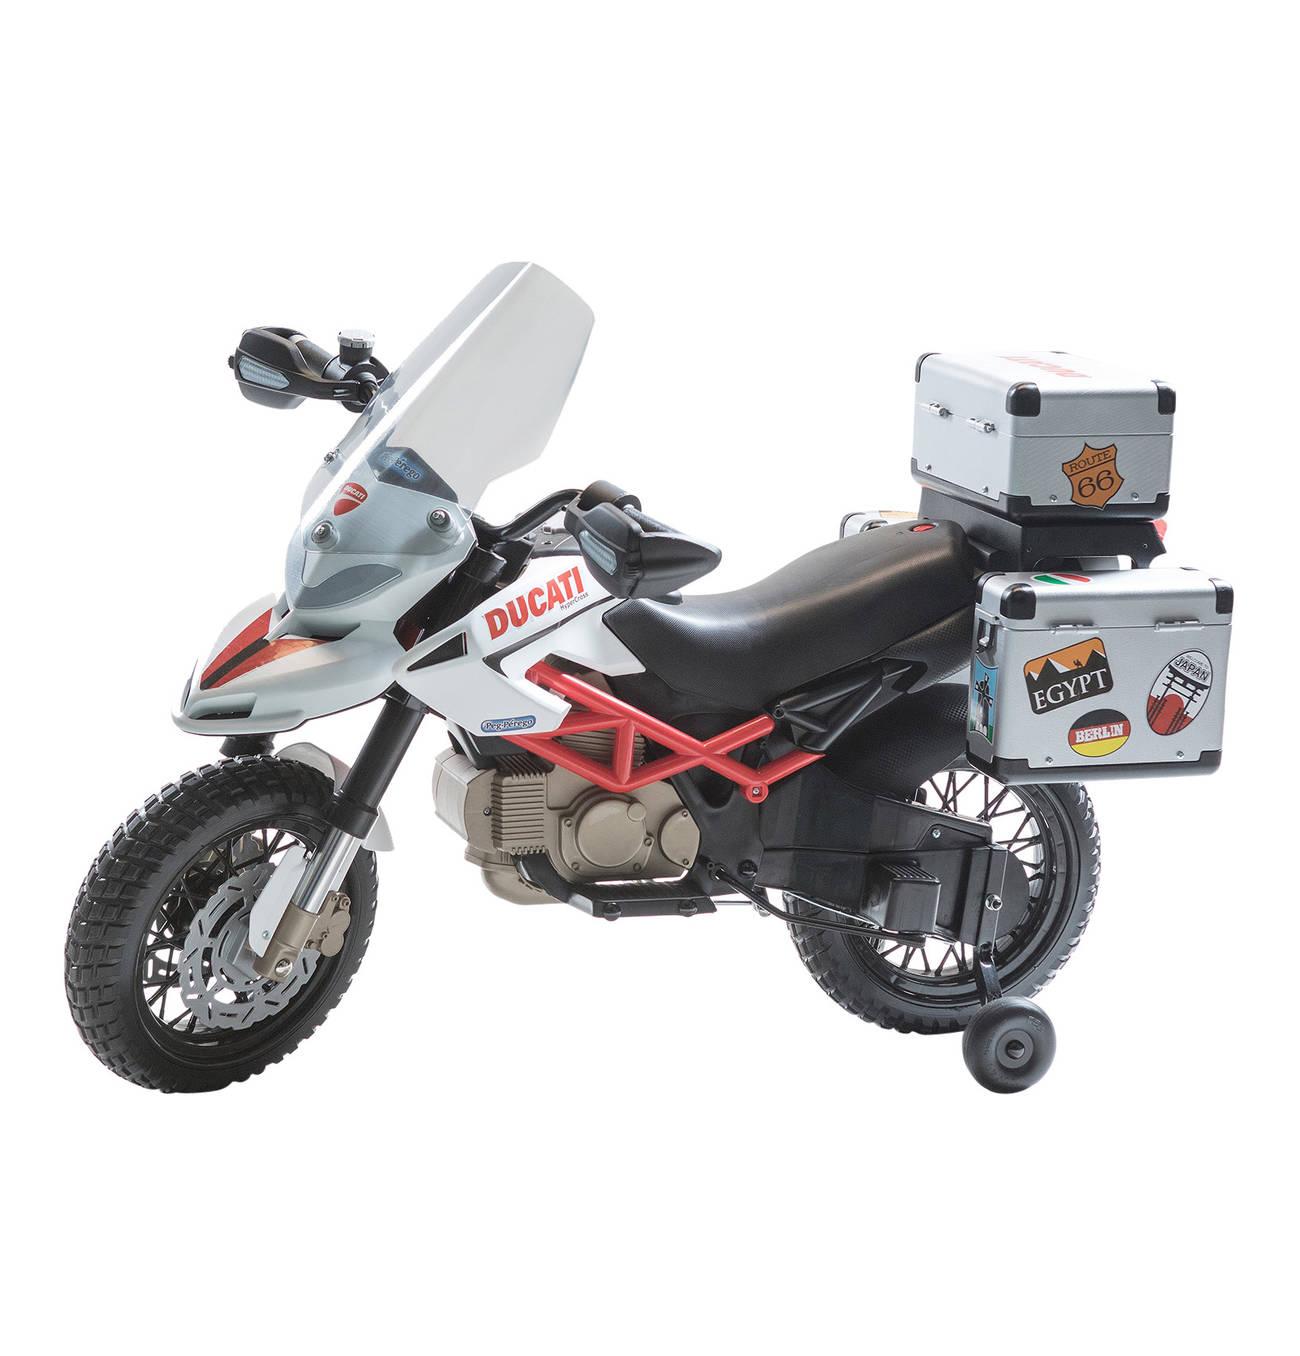 Детский электромотоцикл Ducati HypercrossМотоциклы детские на аккумуляторе<br>Детский электромотоцикл Ducati Hypercross<br>